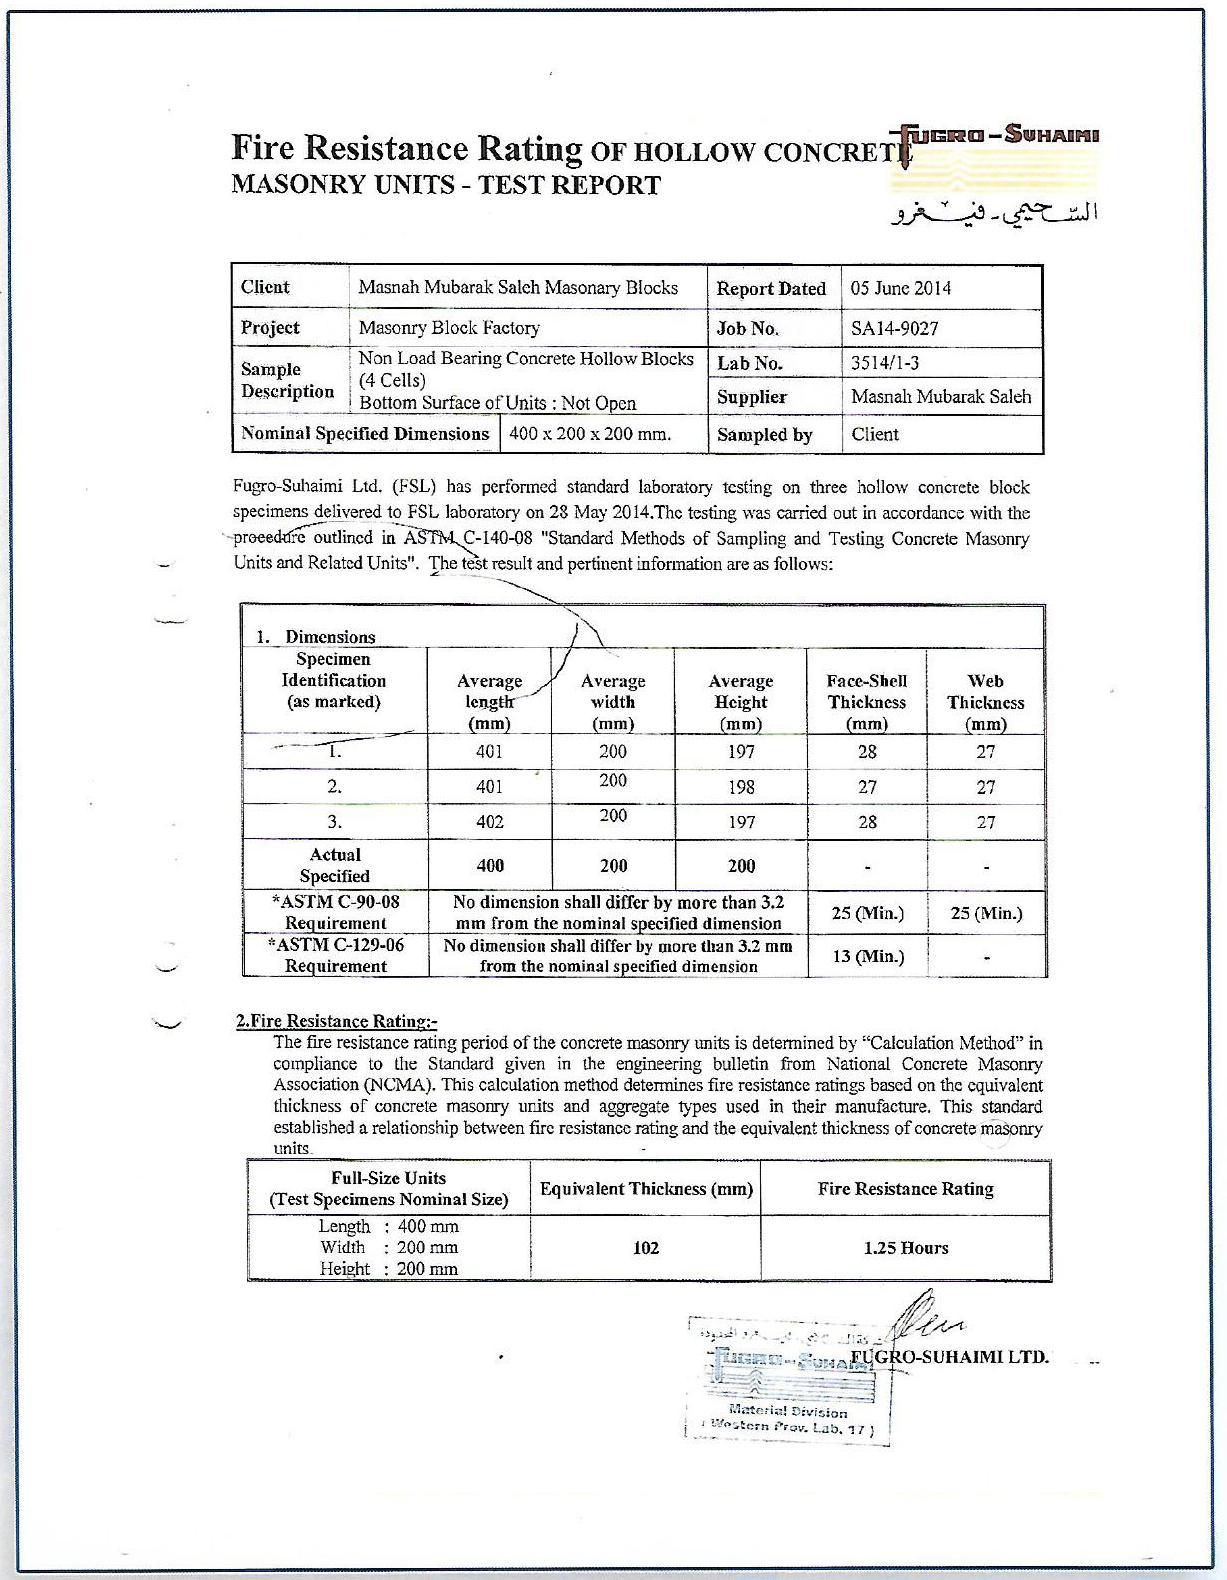 مصنع مبارك صالح سعيد للبلك البركاني والاسمنتي شهادات مختبرات الجودة من مكاتب معتمدة